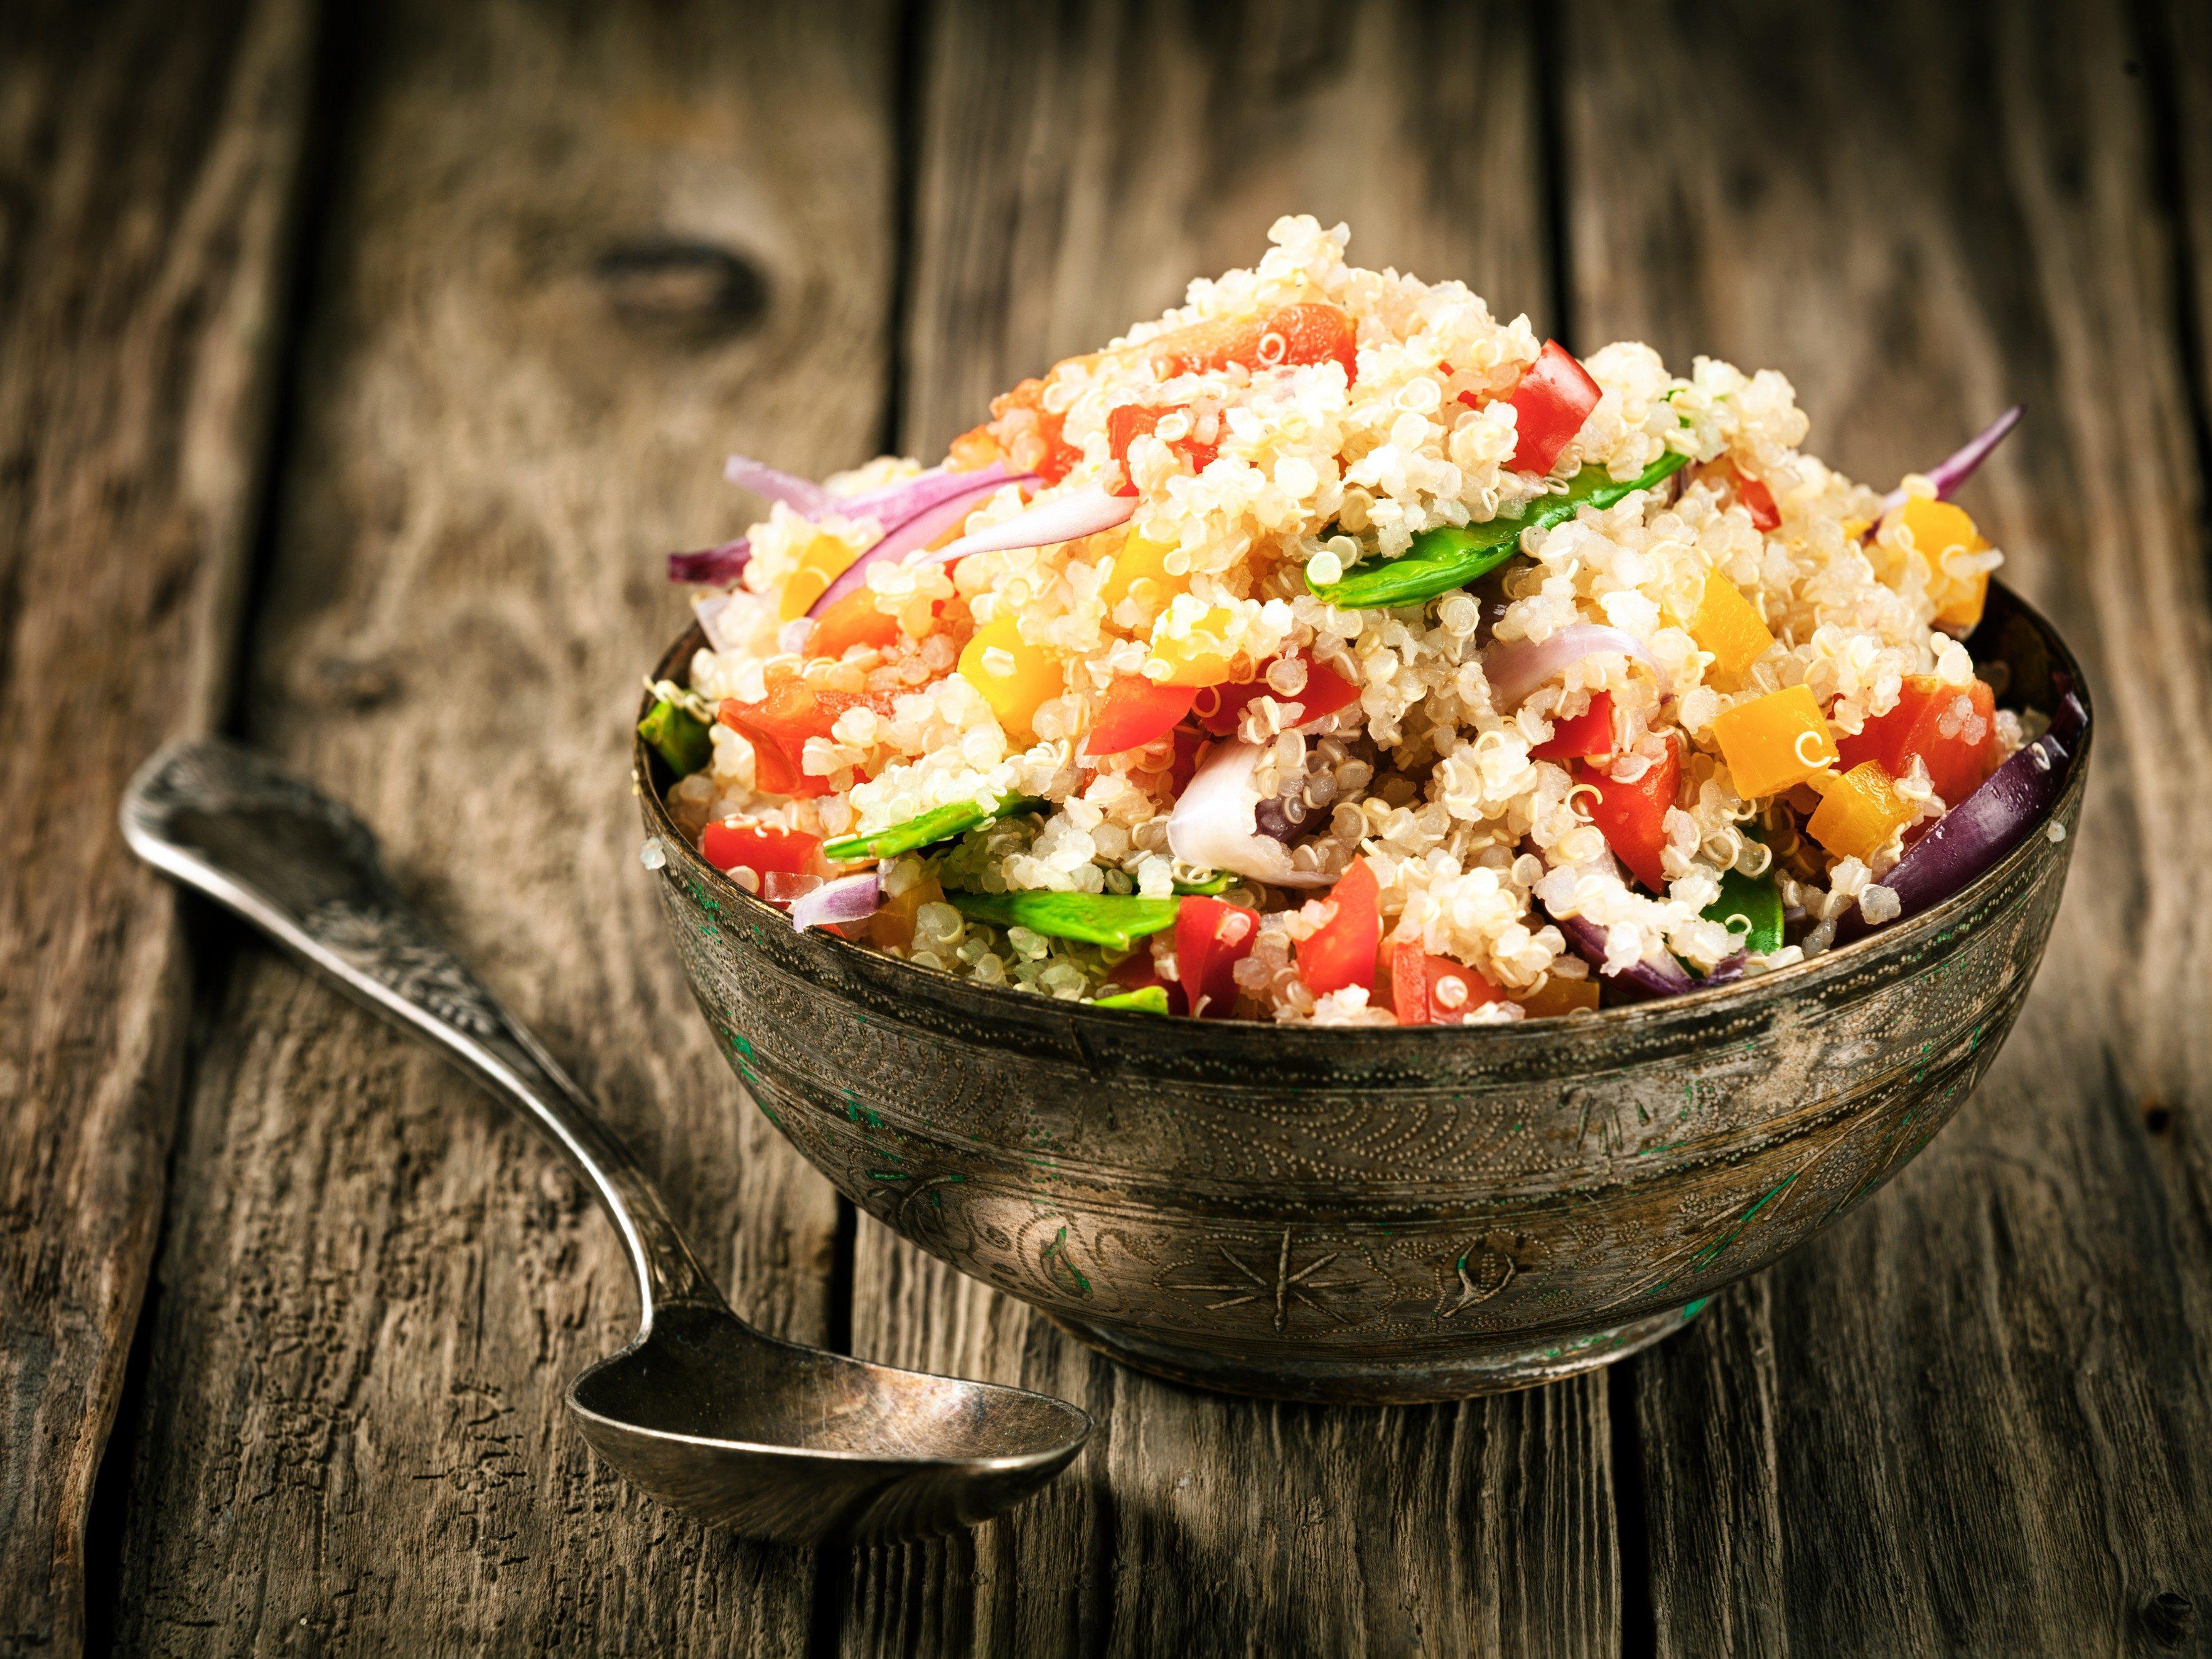 4. Gluten-free diet